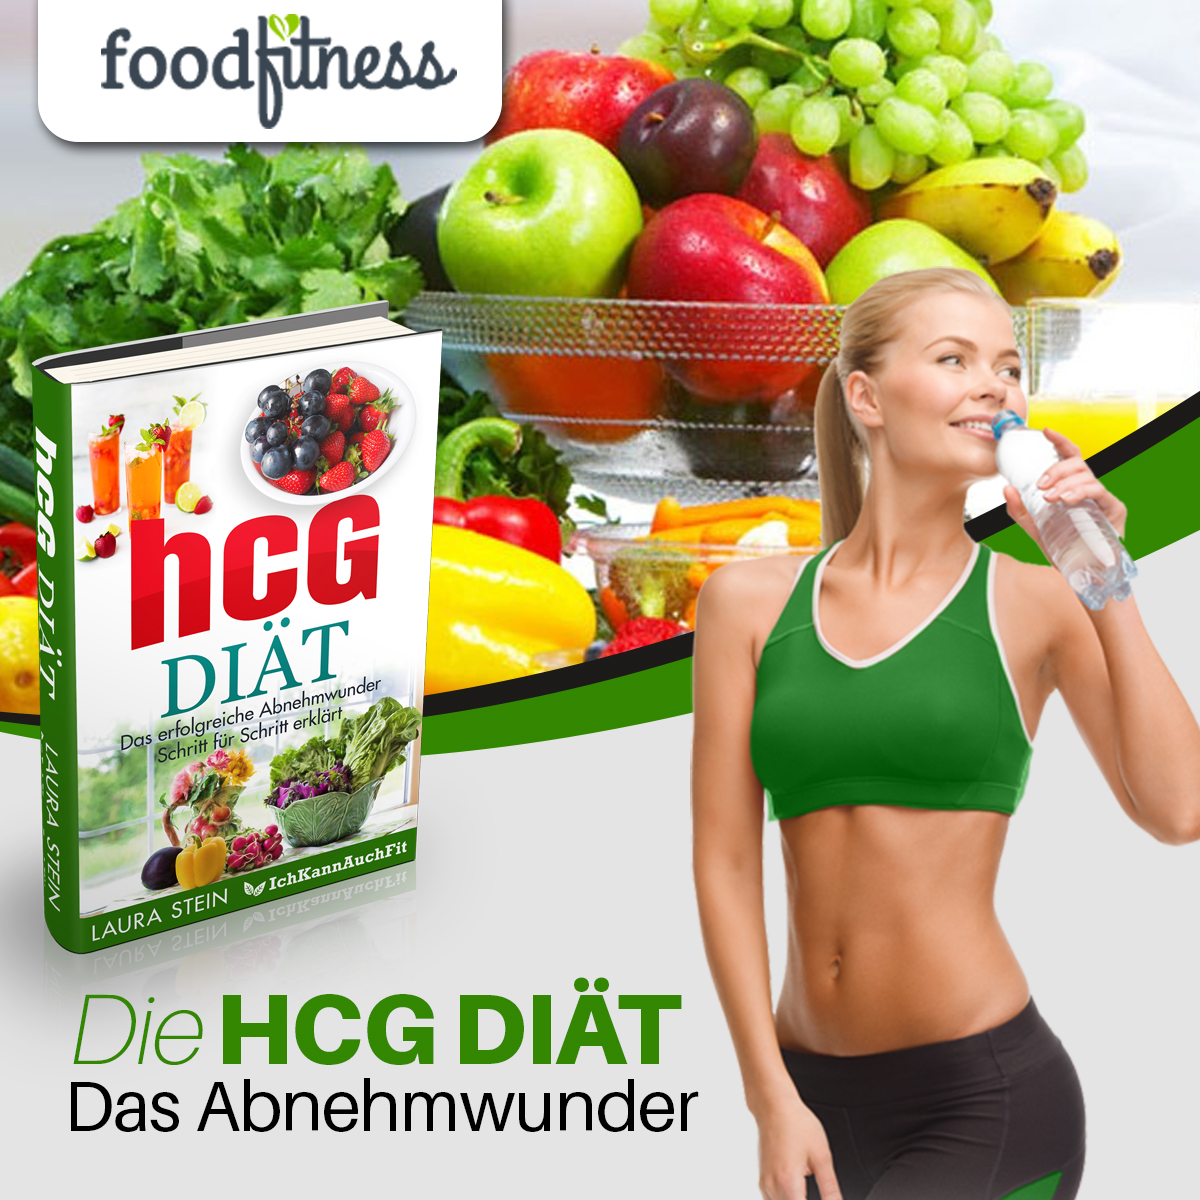 hCG Diät - Das Abnehmwunder